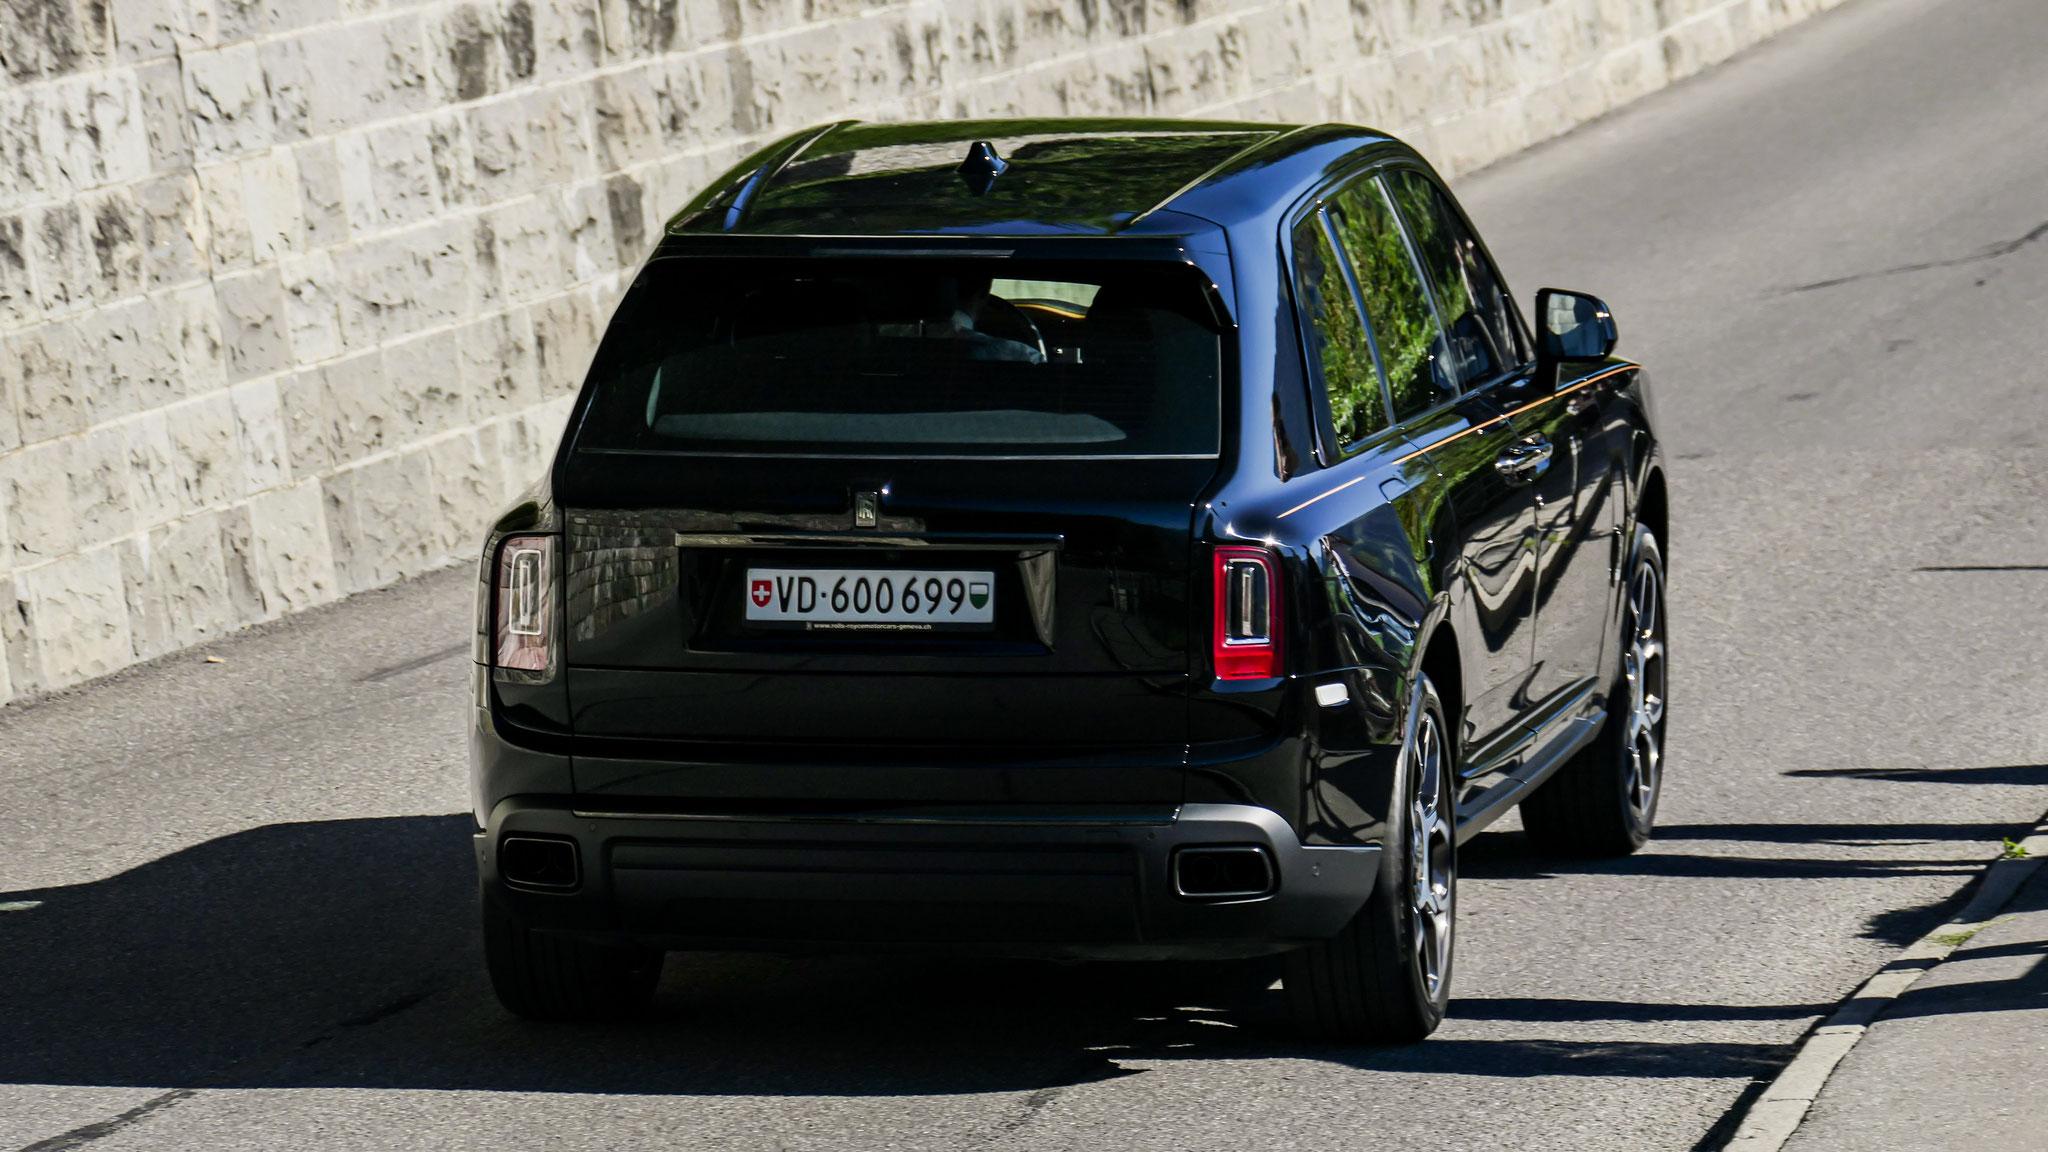 Rolls Royce Cullinan Black Badge - VW-600699 (CH)